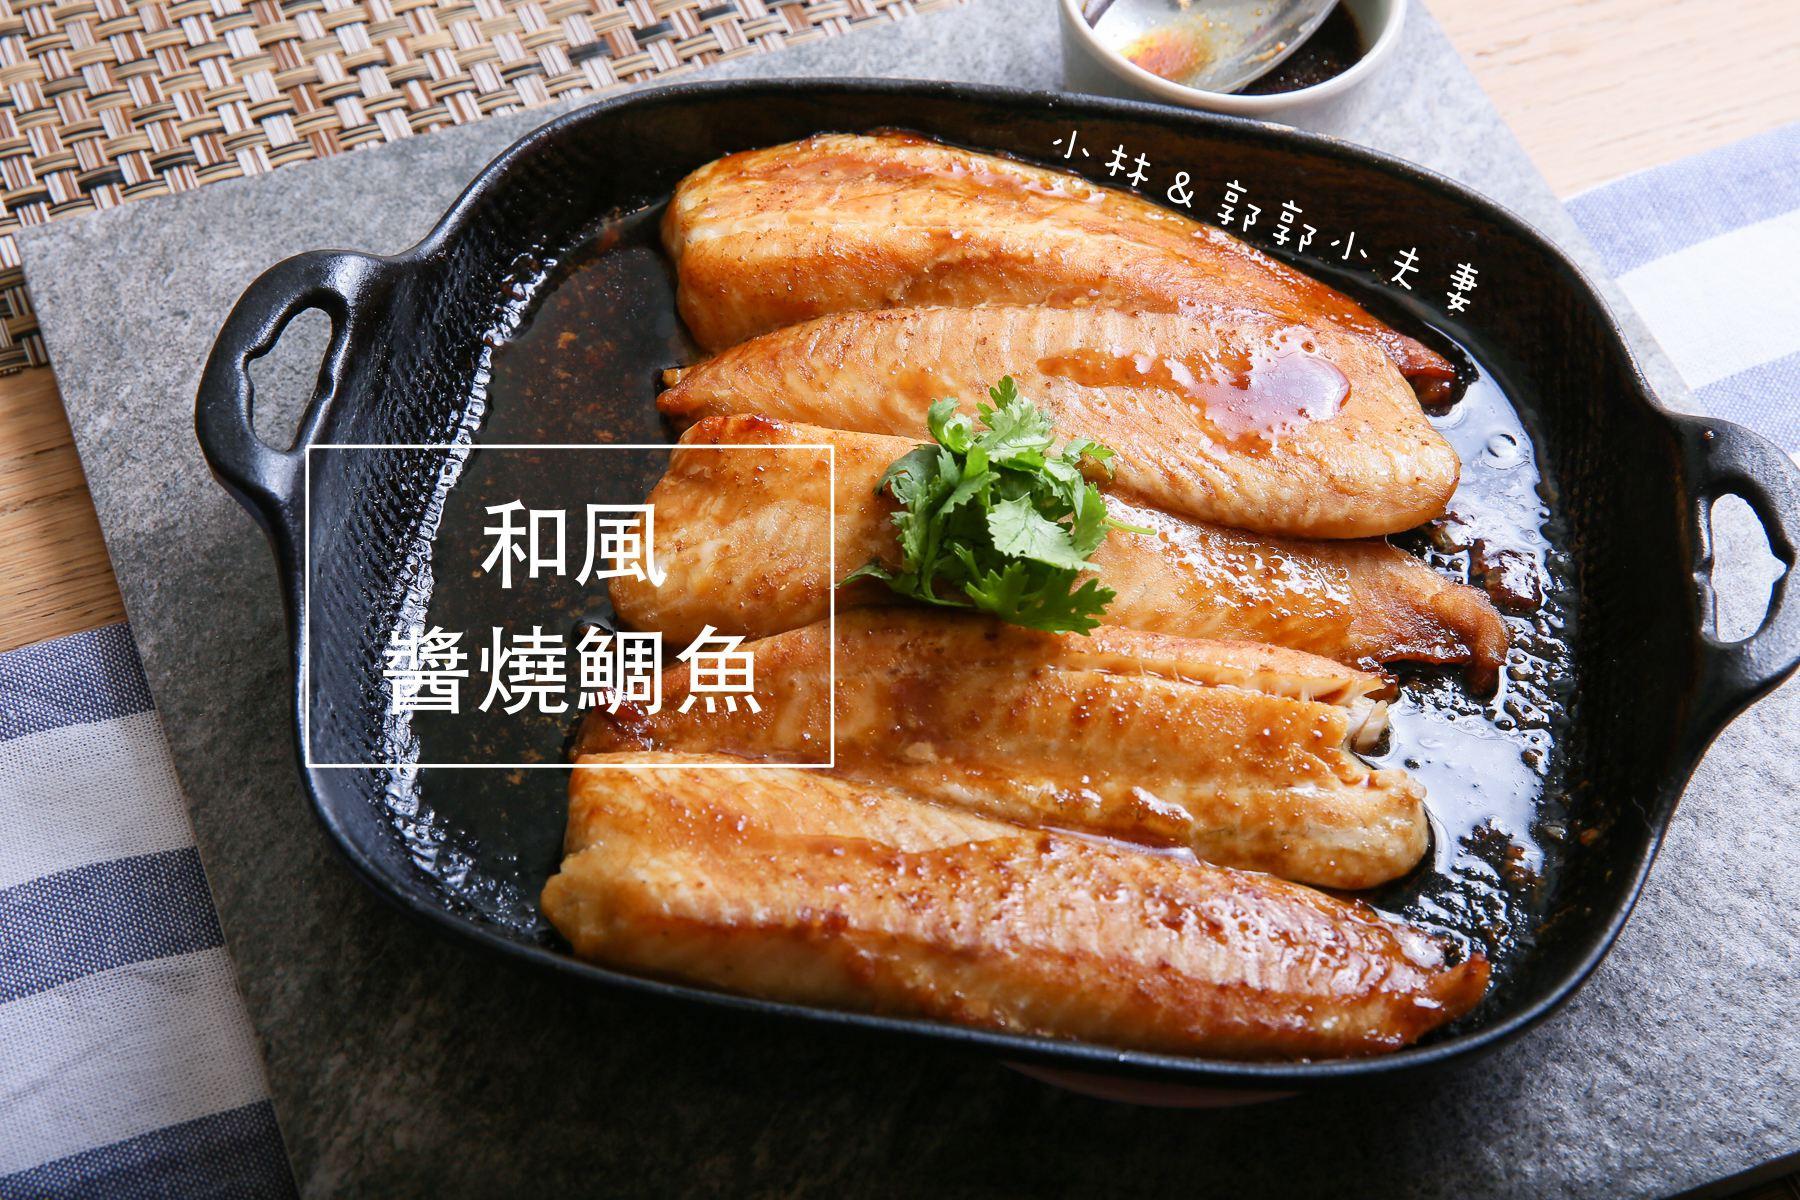 零失敗+零流汗「和風醬燒鯛魚」食譜